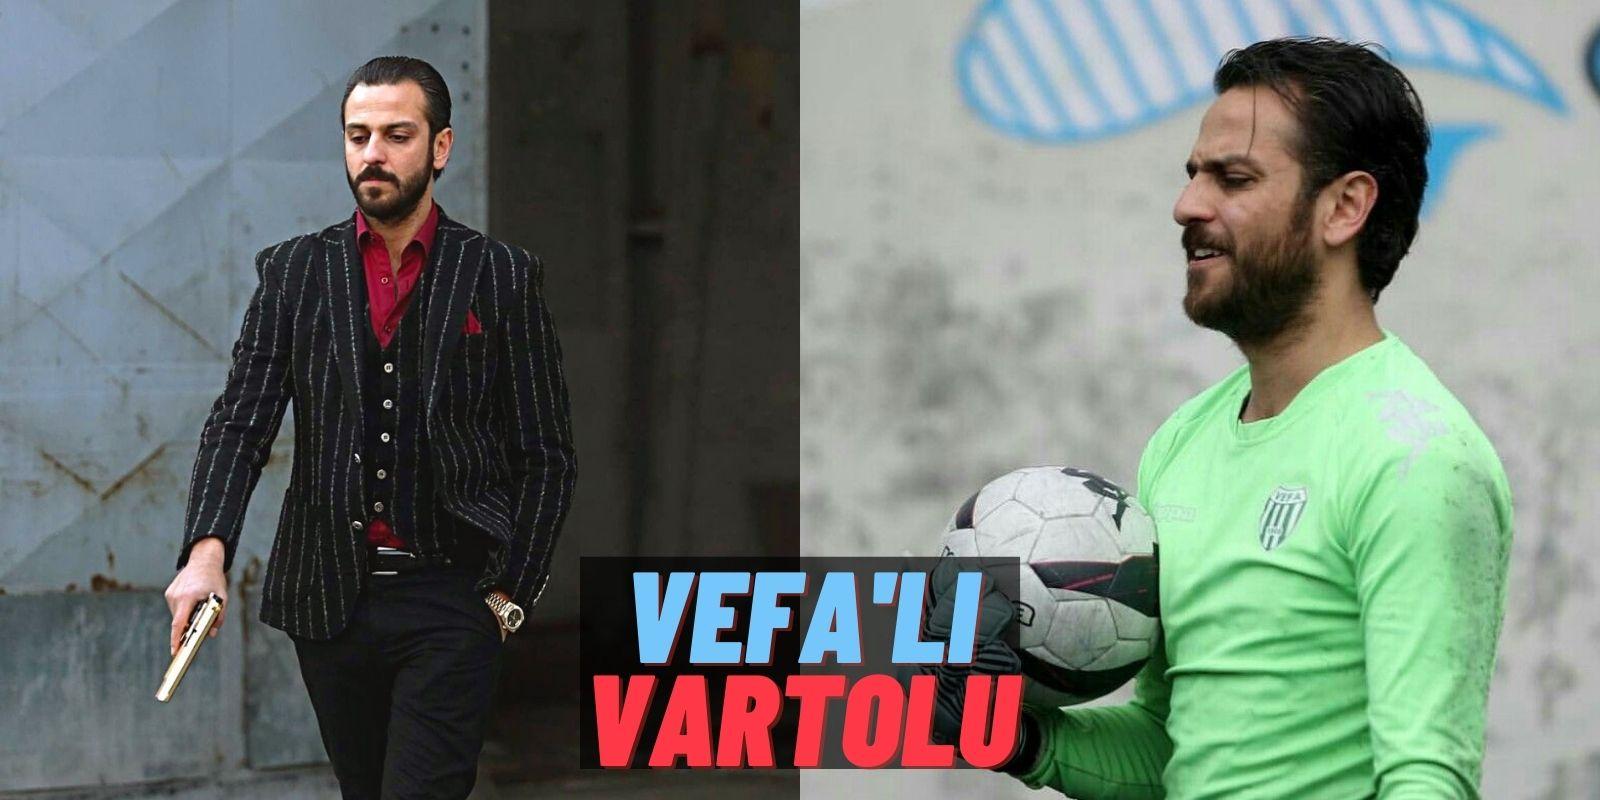 Çukur'un Vartolu'su Erkan Kolçak Köstendil Tutkularından Asla Vazgeçmiyor! Ne Spordan Ne de Sanattan